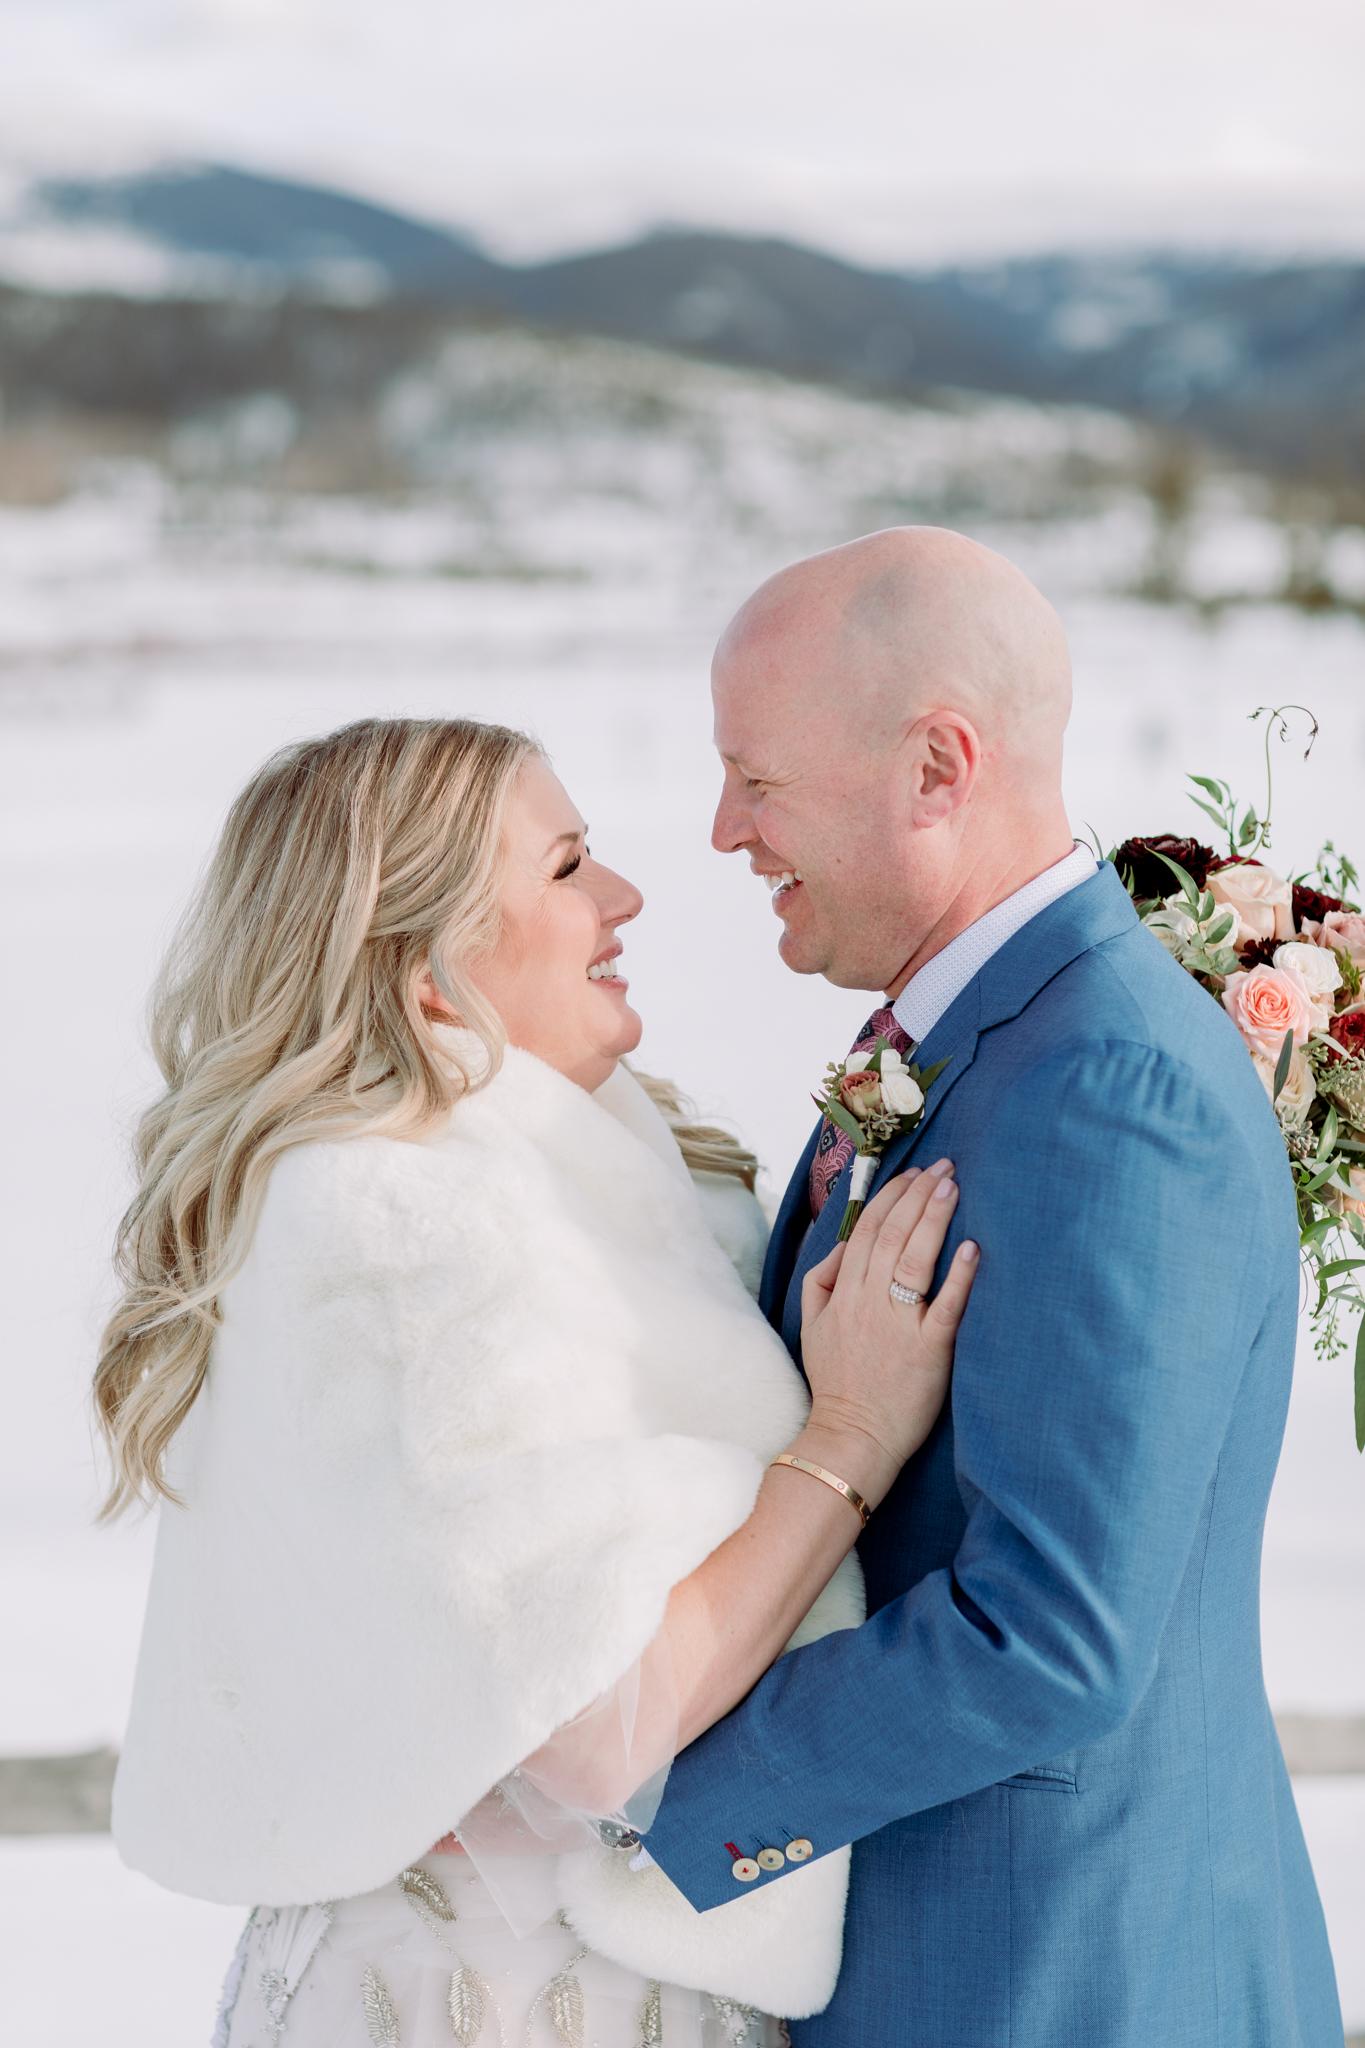 Devils-Thumb-Ranch-Tabernash-Colorado-Winter-Outdoor-Wedding-Bride-and-Groom